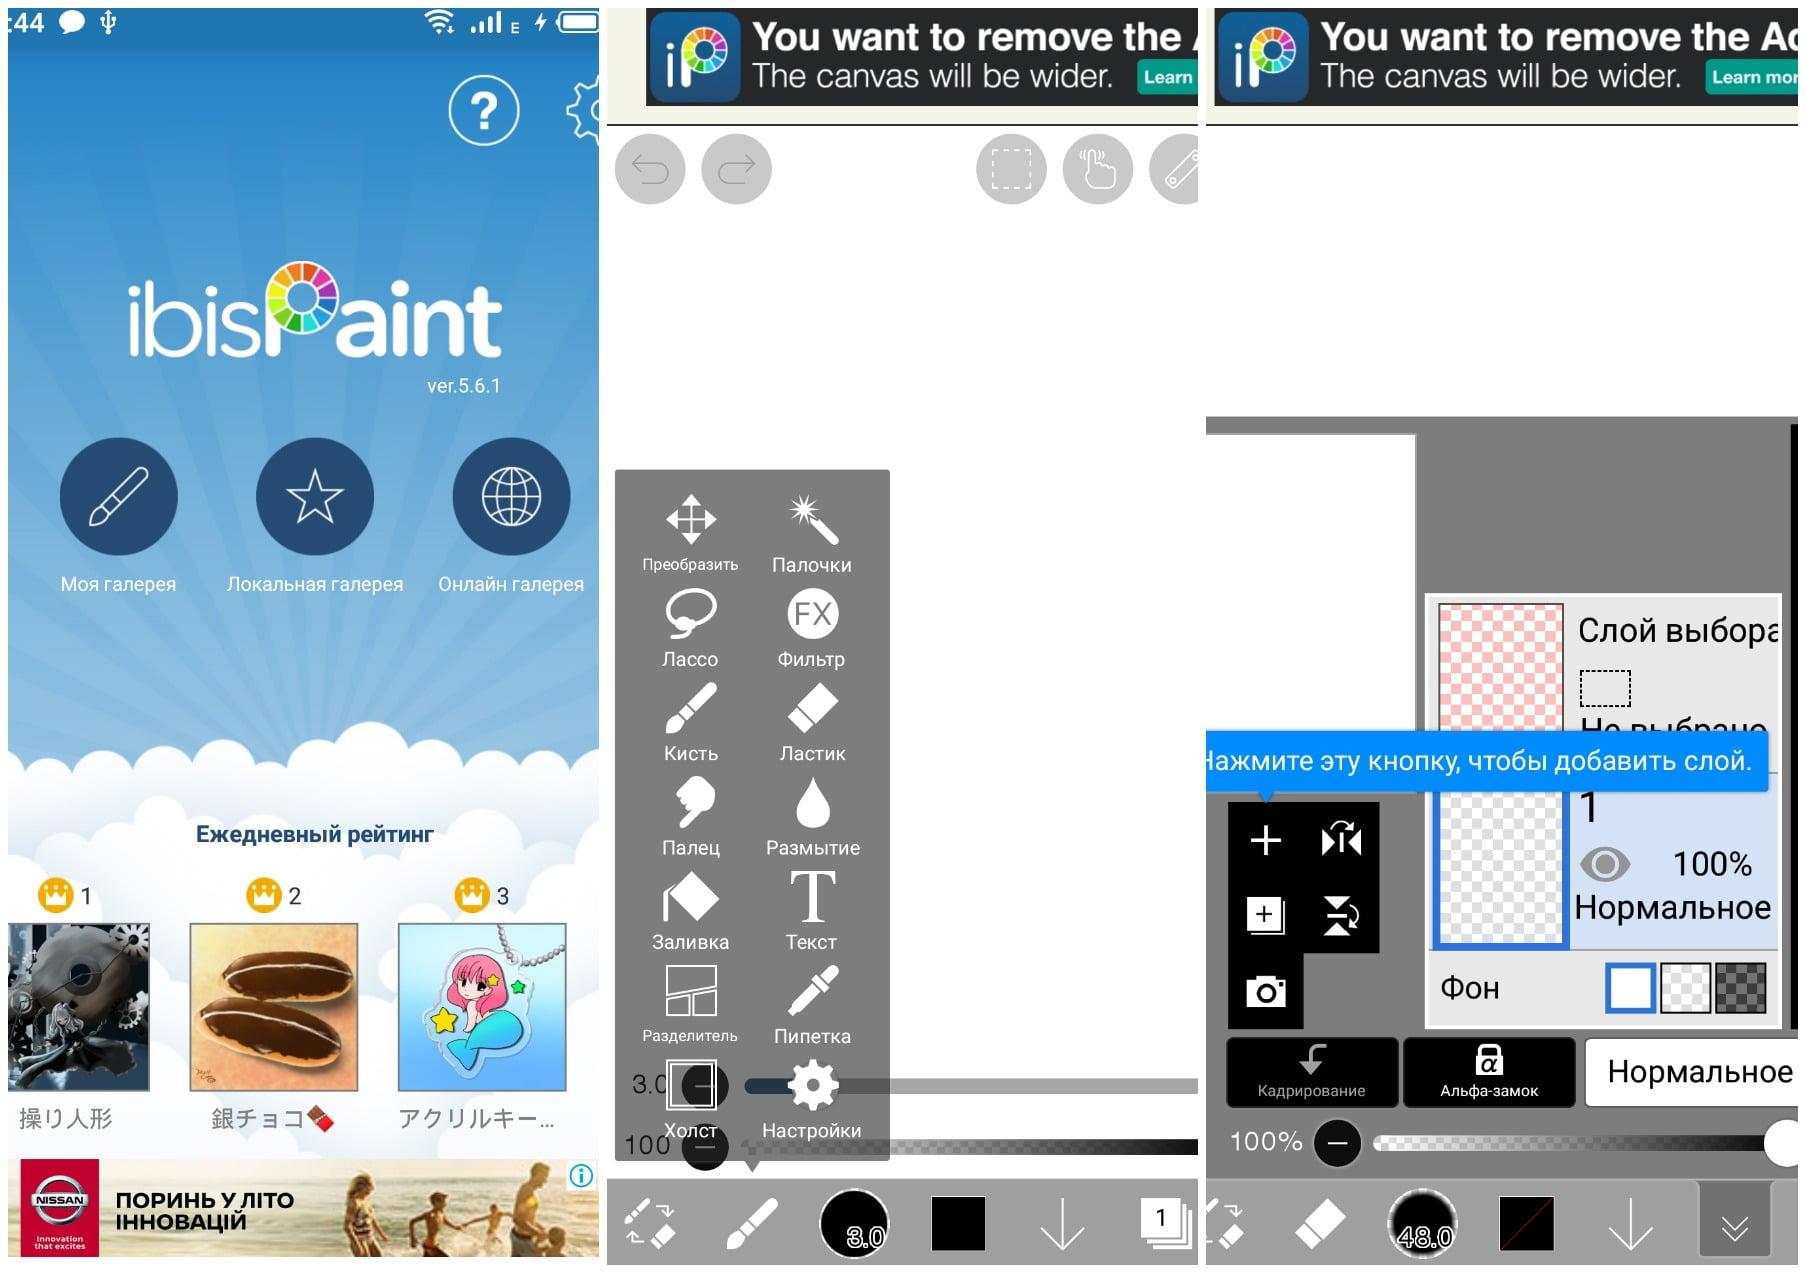 На фото изображено приложение Ibispaint Х